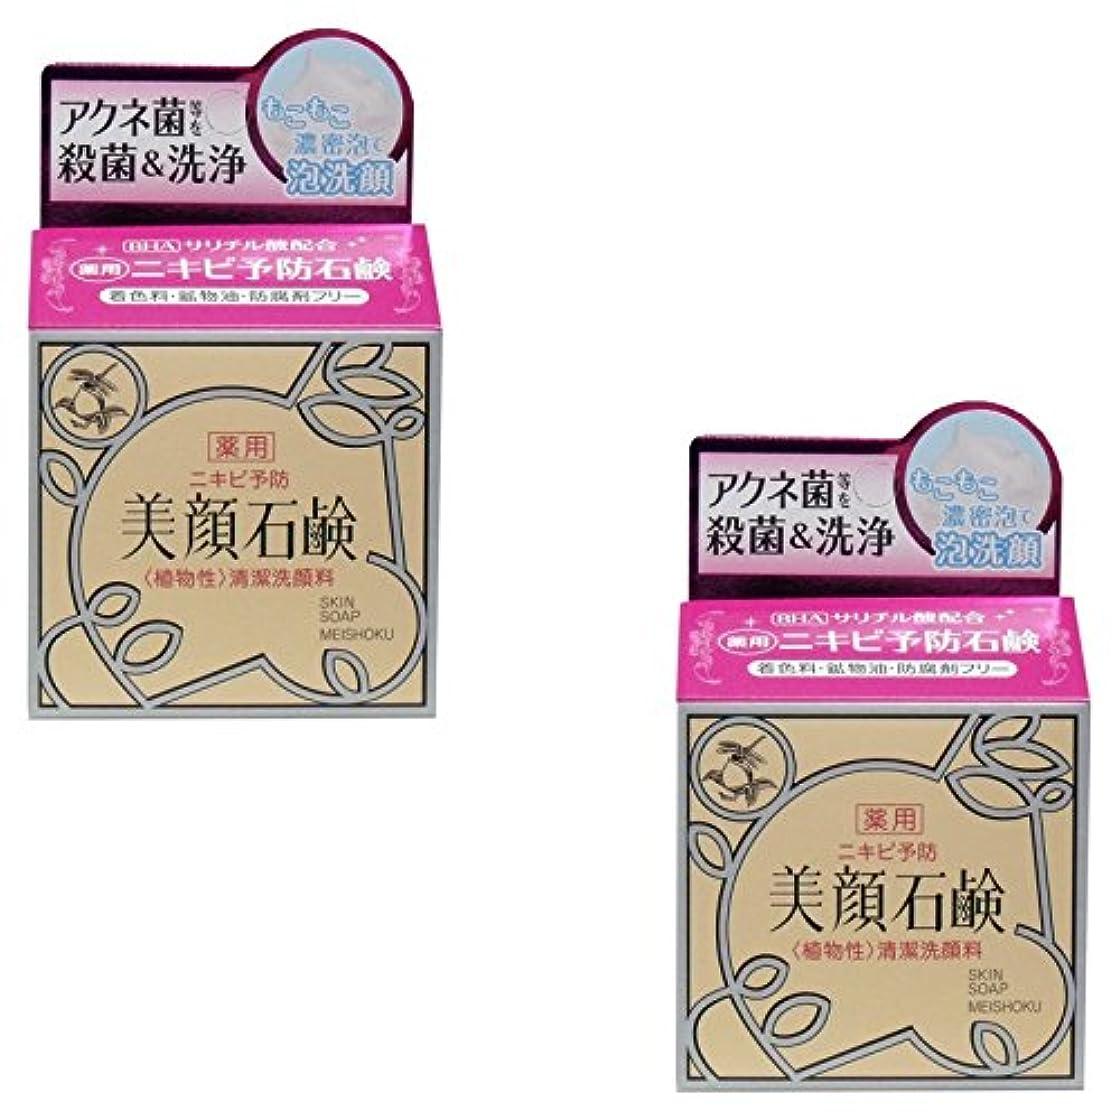 驚いた上陸こんにちは【まとめ買い】明色化粧品 明色美顔薬用石鹸 80g (医薬部外品)【×2個】